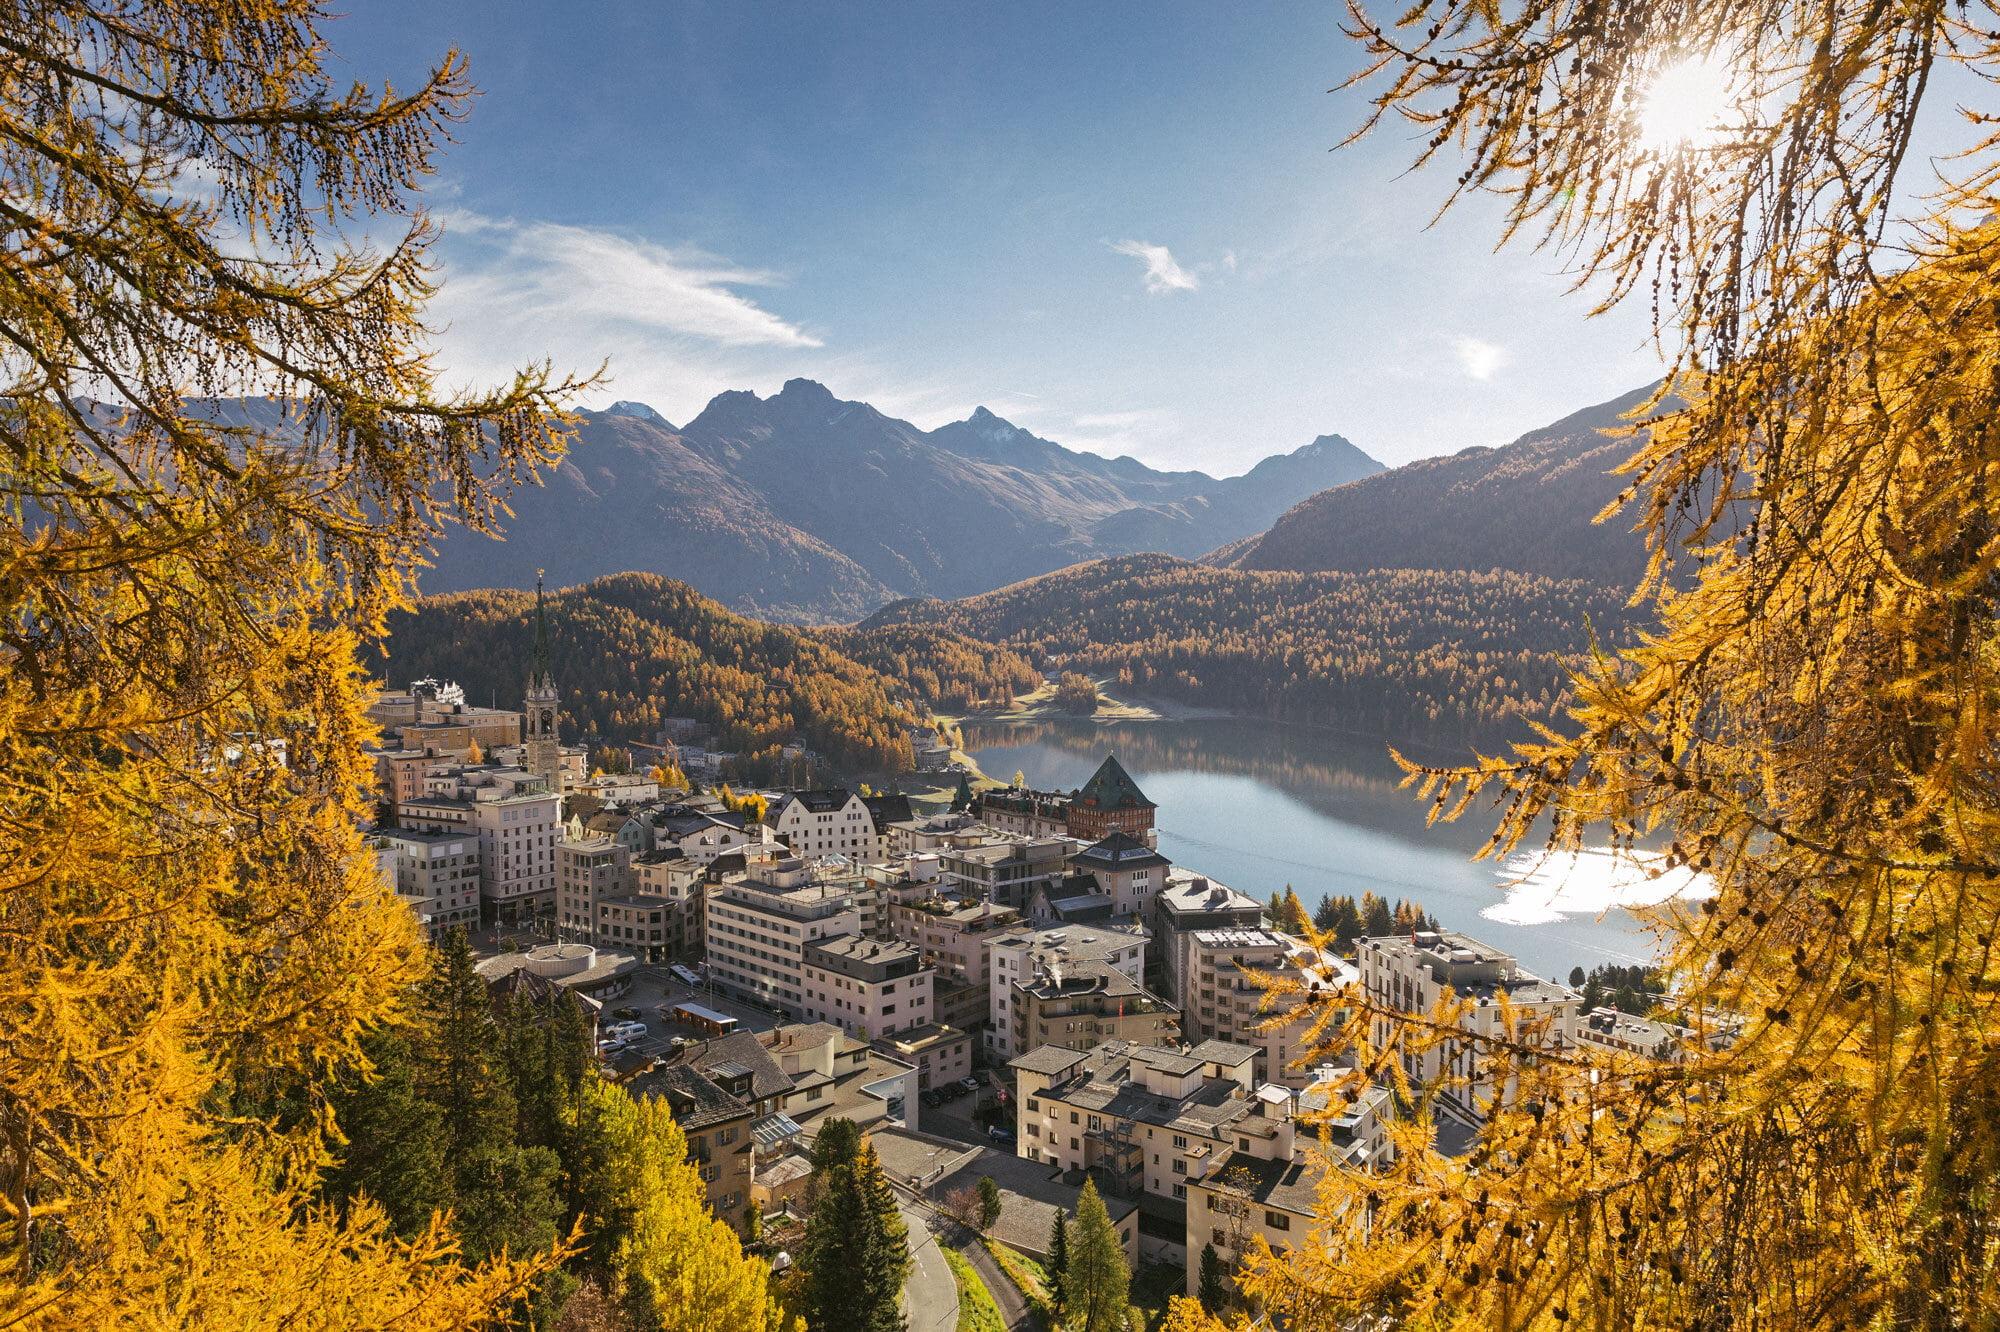 Spätsommer in St. Moritz